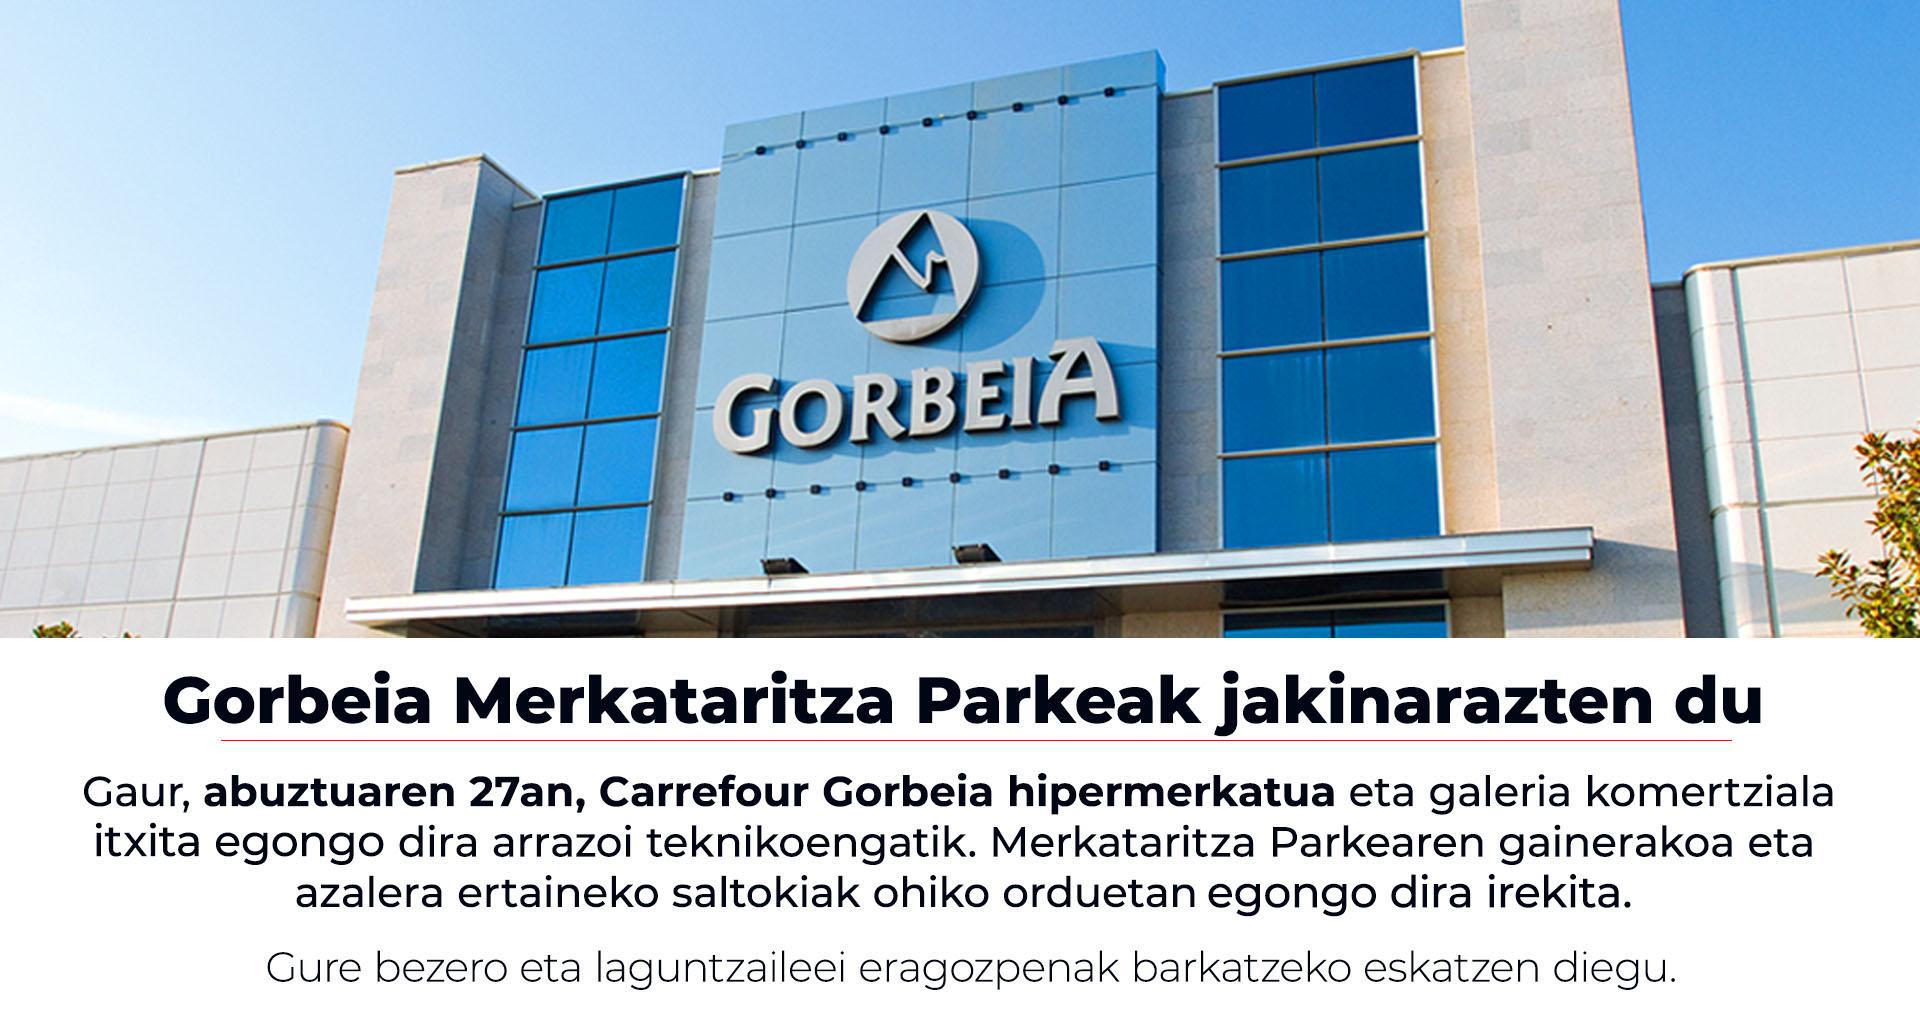 Gorbeia merkataritza parkeak jakinarazten du: gure jarduerari berriro ekingo diogu abuztuaren 28an